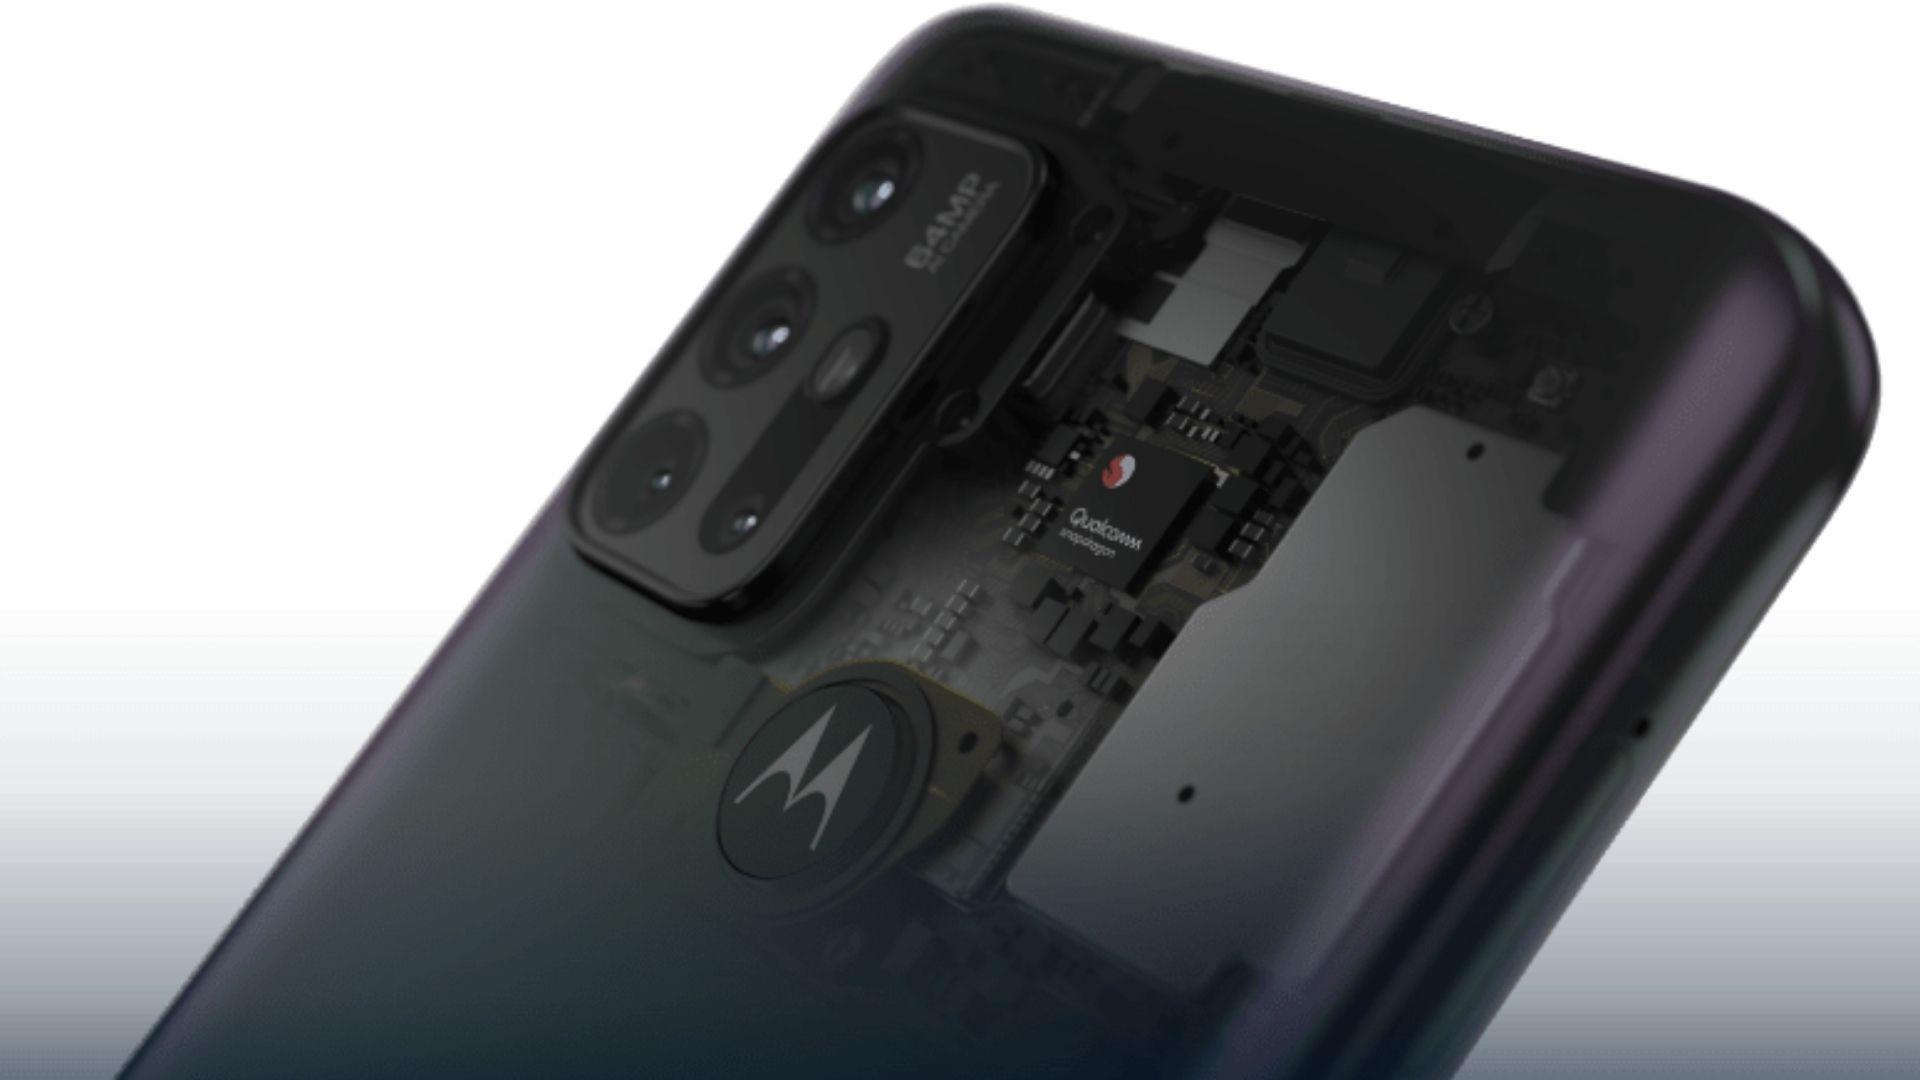 Processador do Moto G30 com logo da Motorola e conjunto fotográfico do celular